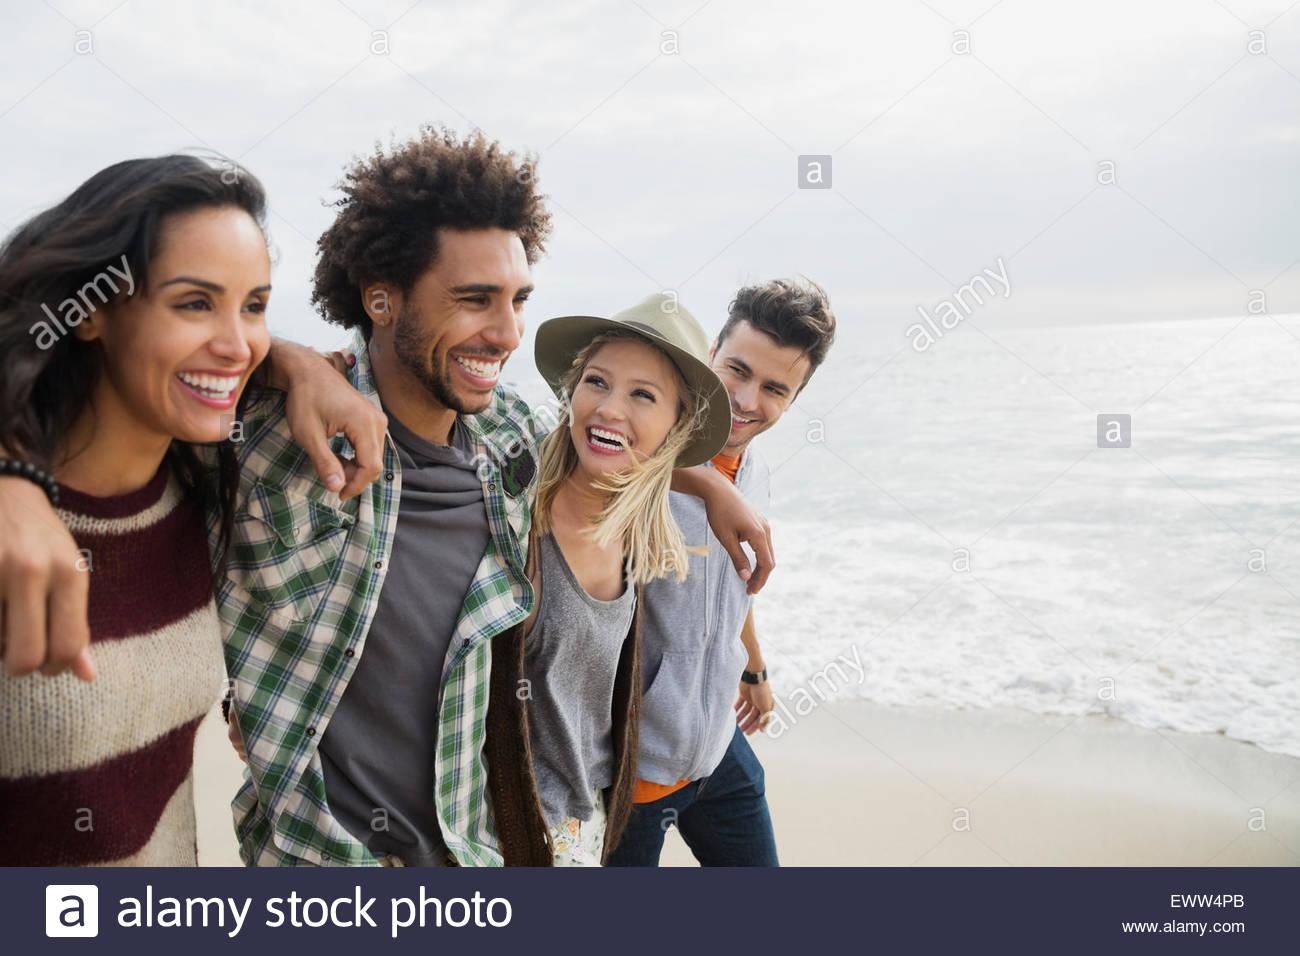 Amigos sonriente caminando en una fila en la playa Imagen De Stock